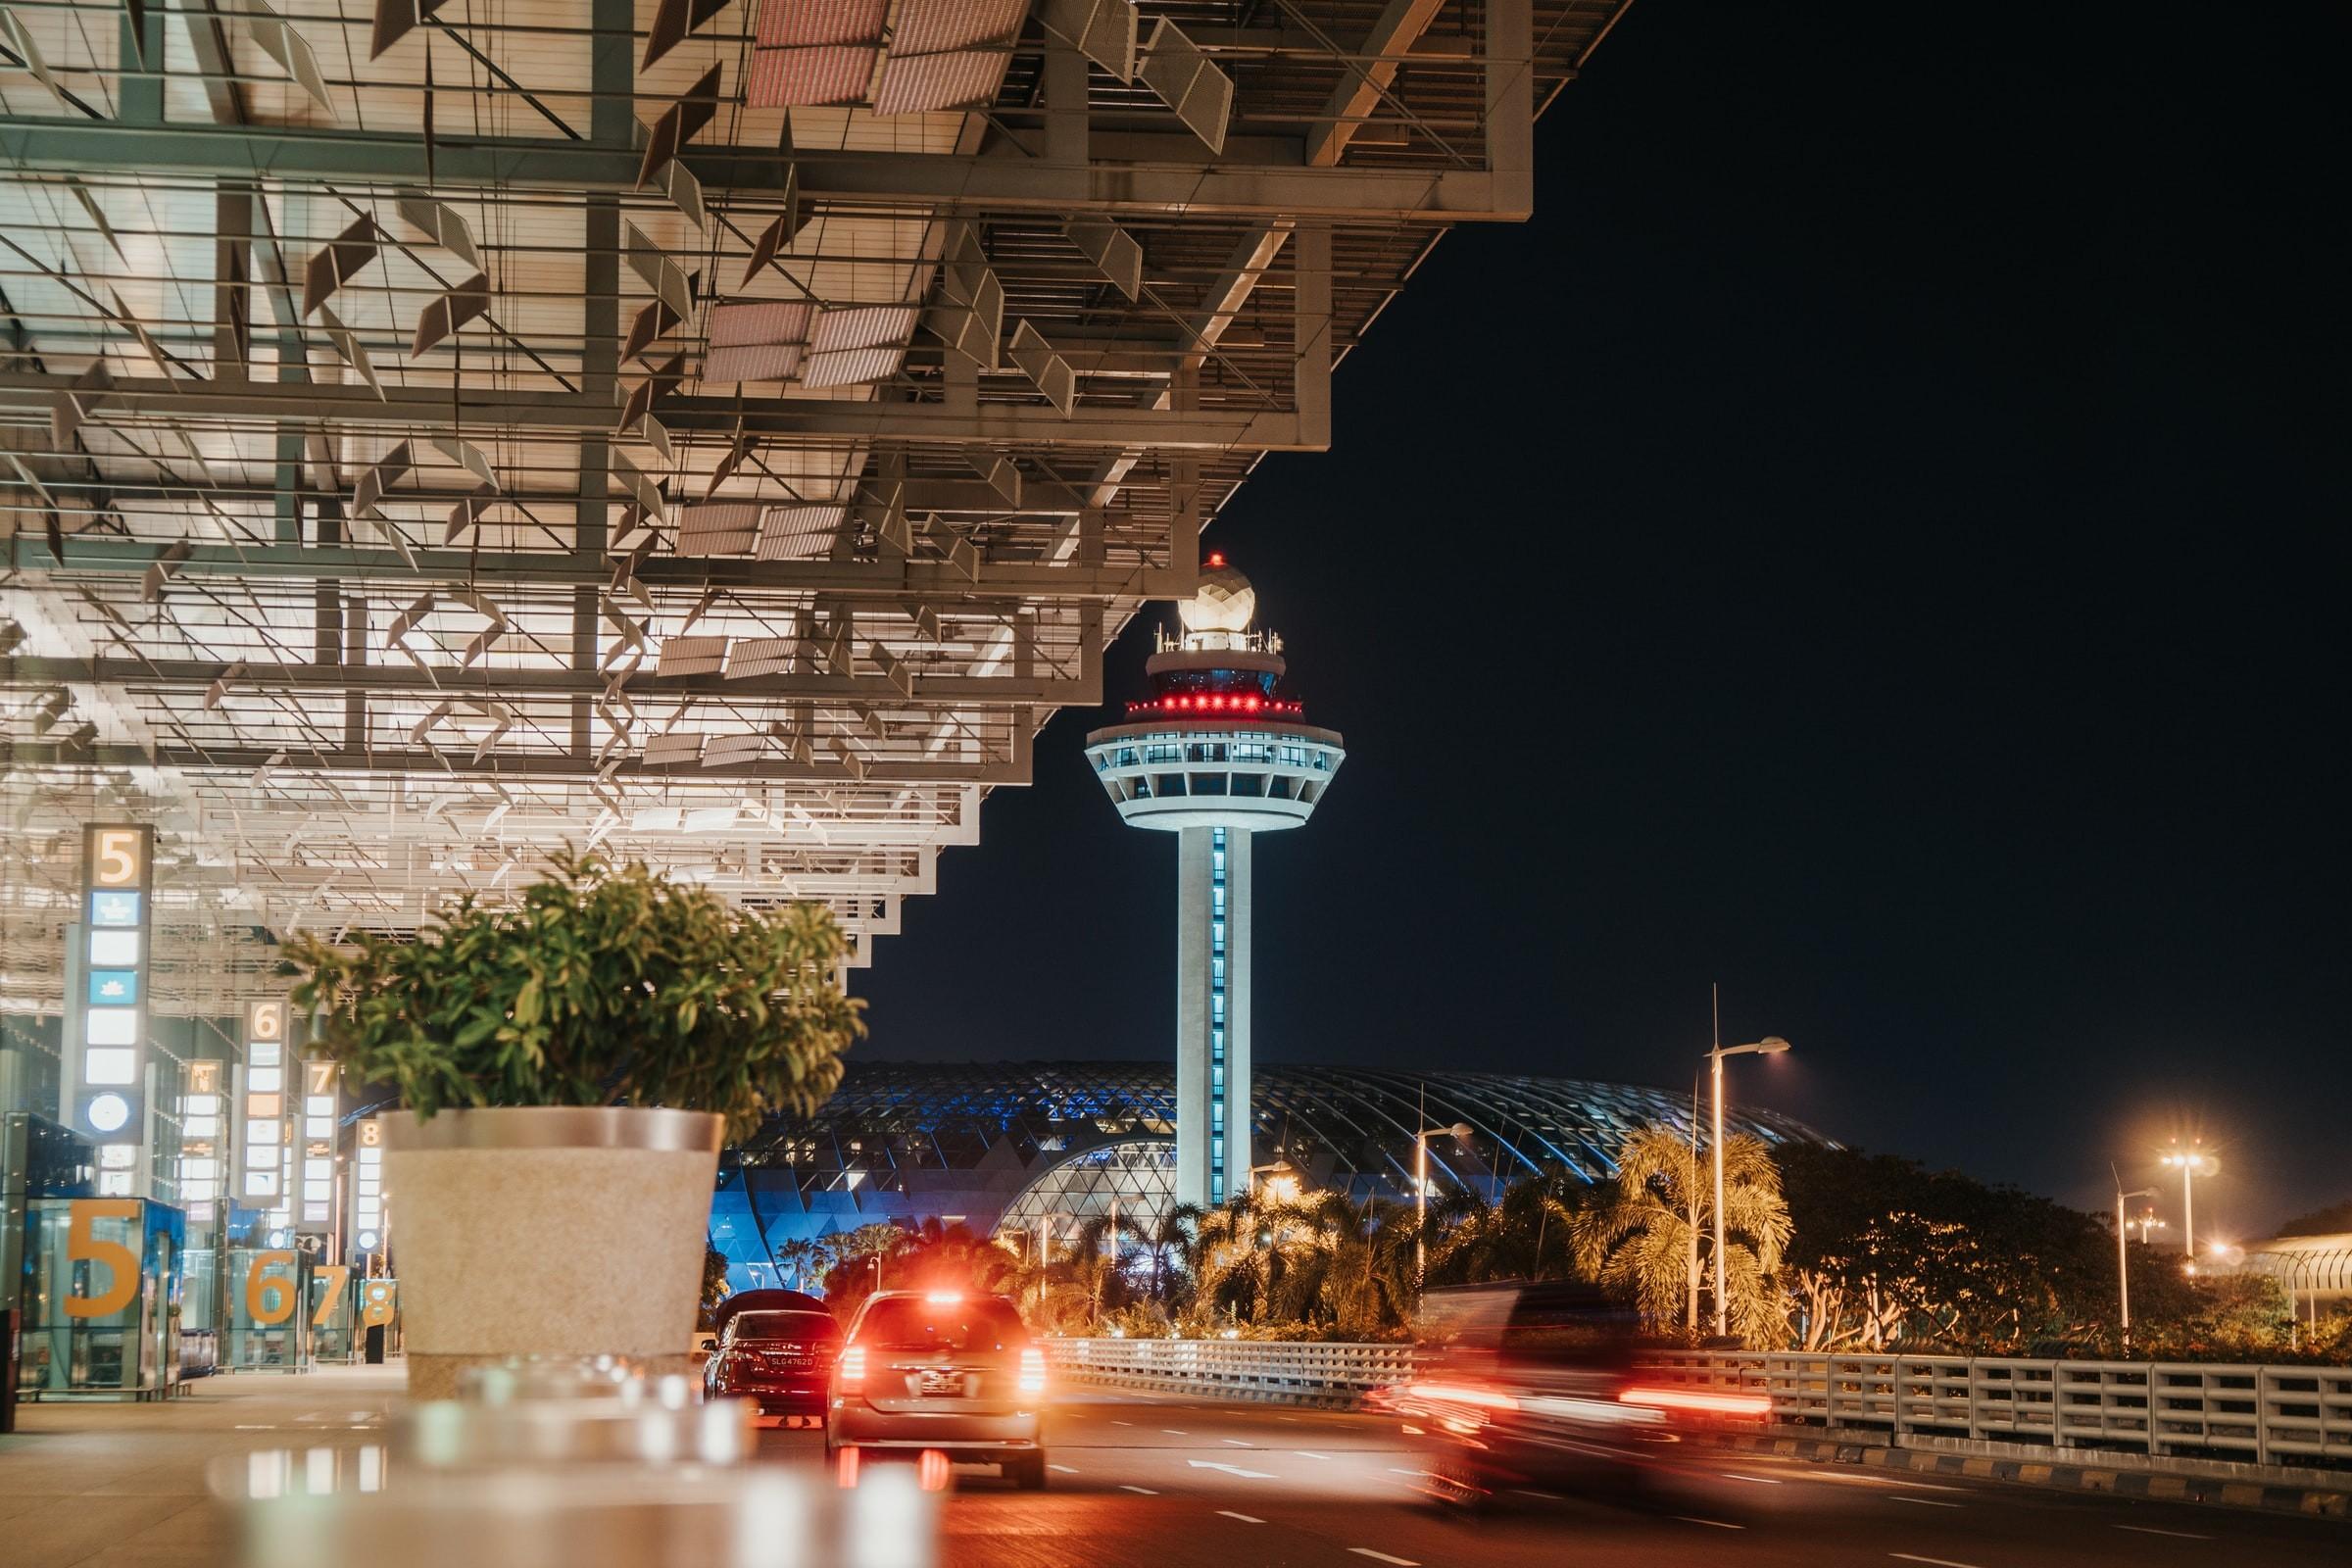 Changi Airport Singapore Segregated Travel Lane